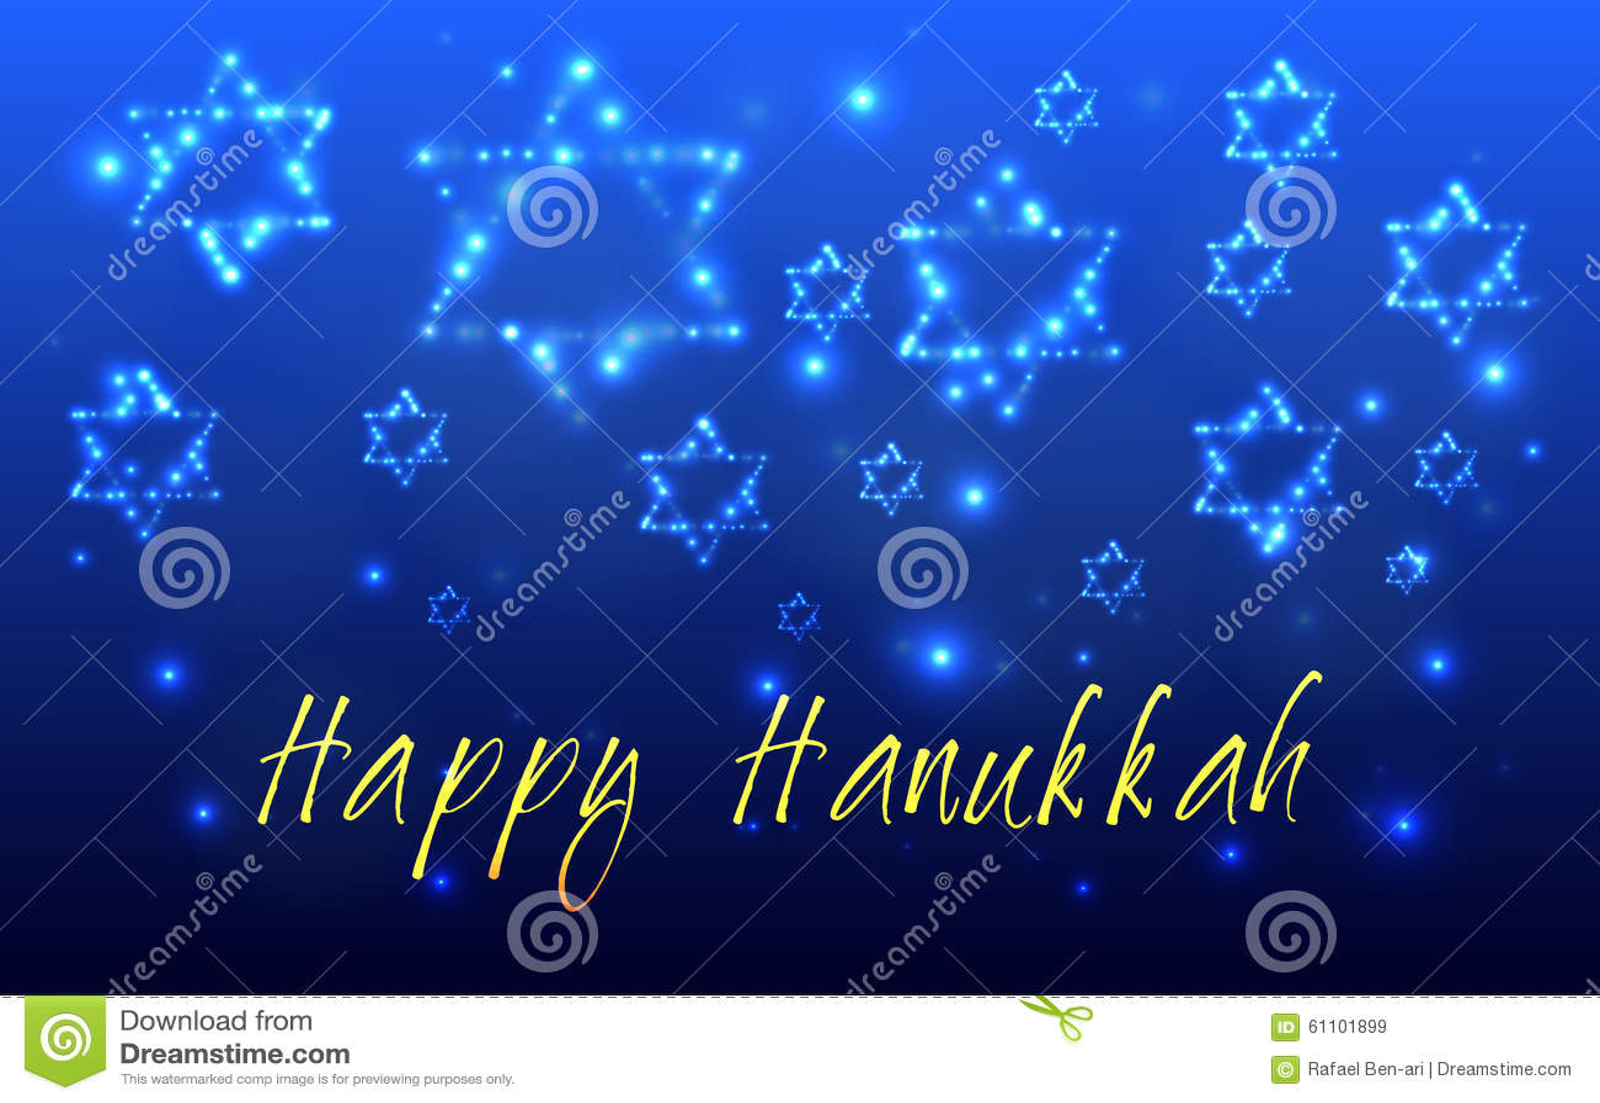 Żydowski wakacyjny Hanukkah kartka z pozdrowieniami